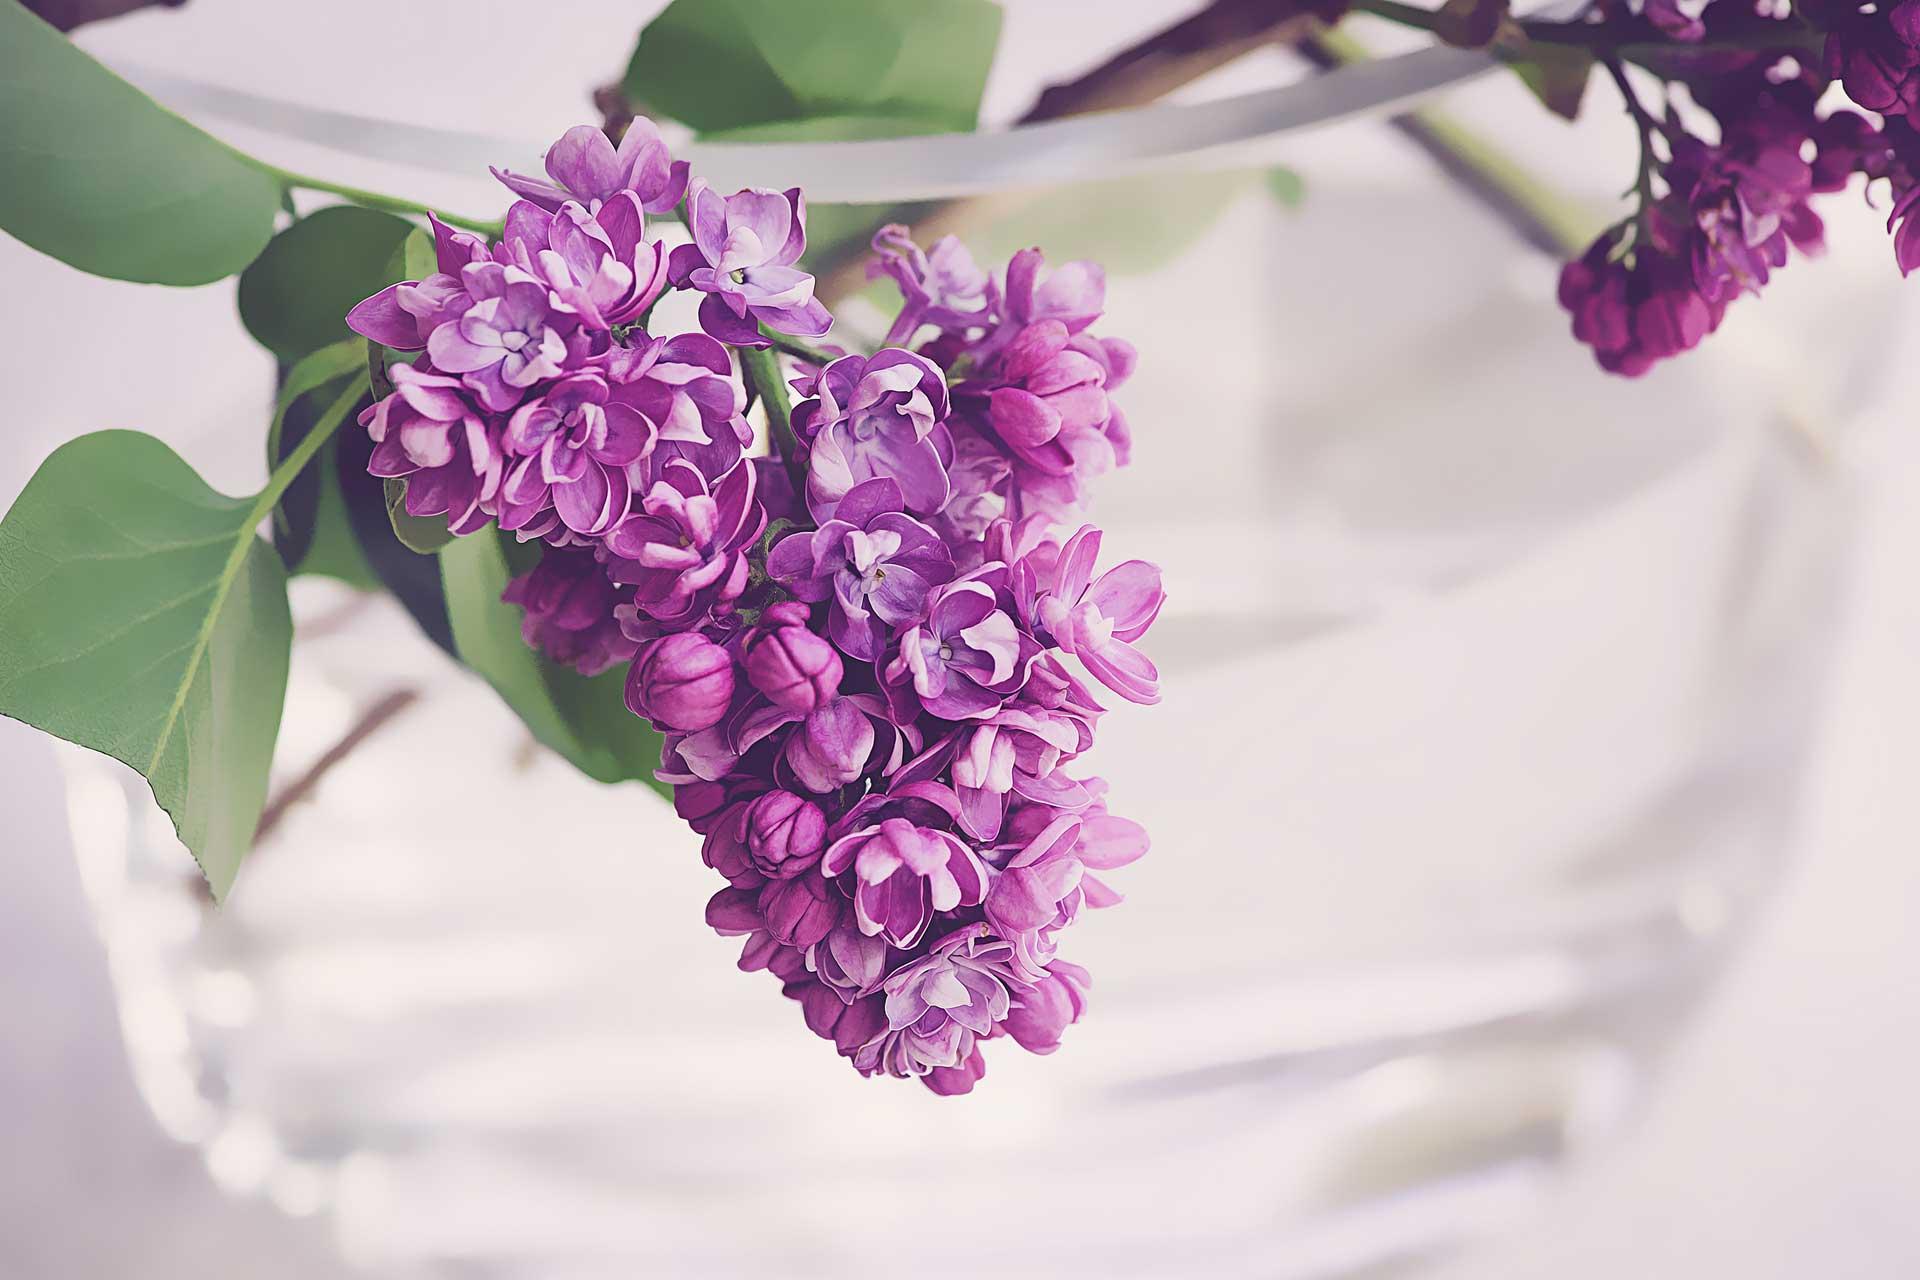 farbe violett wirkung und bedeutung der farbe violett lichtkreis. Black Bedroom Furniture Sets. Home Design Ideas